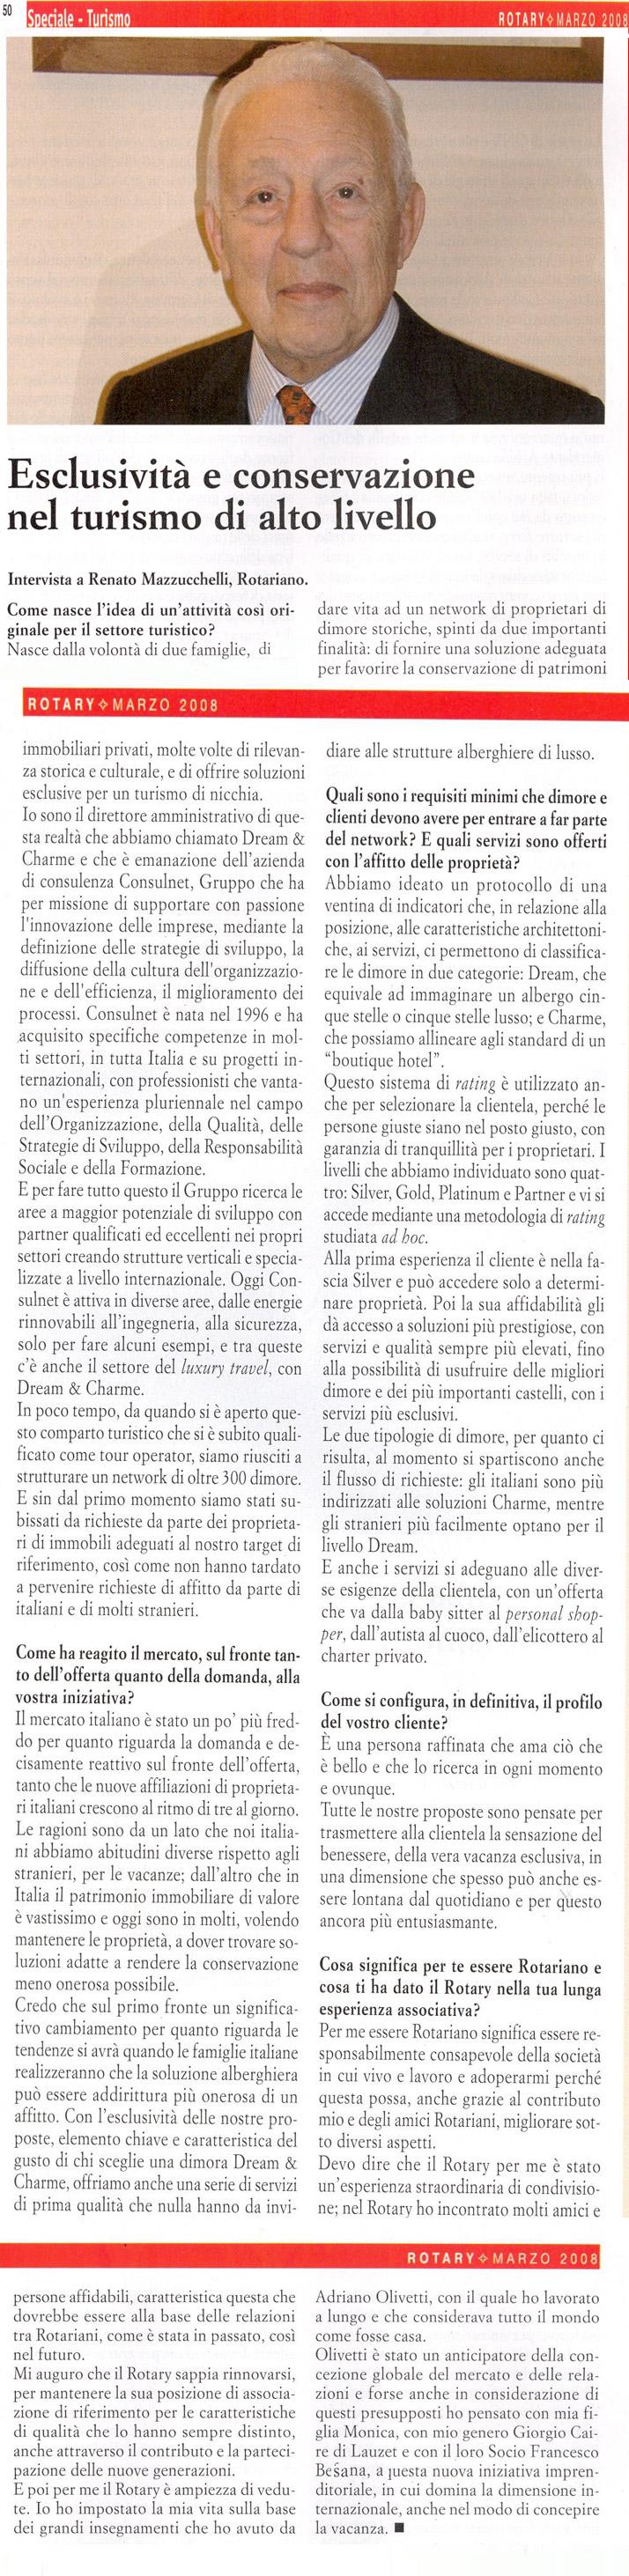 Rotary--articolo